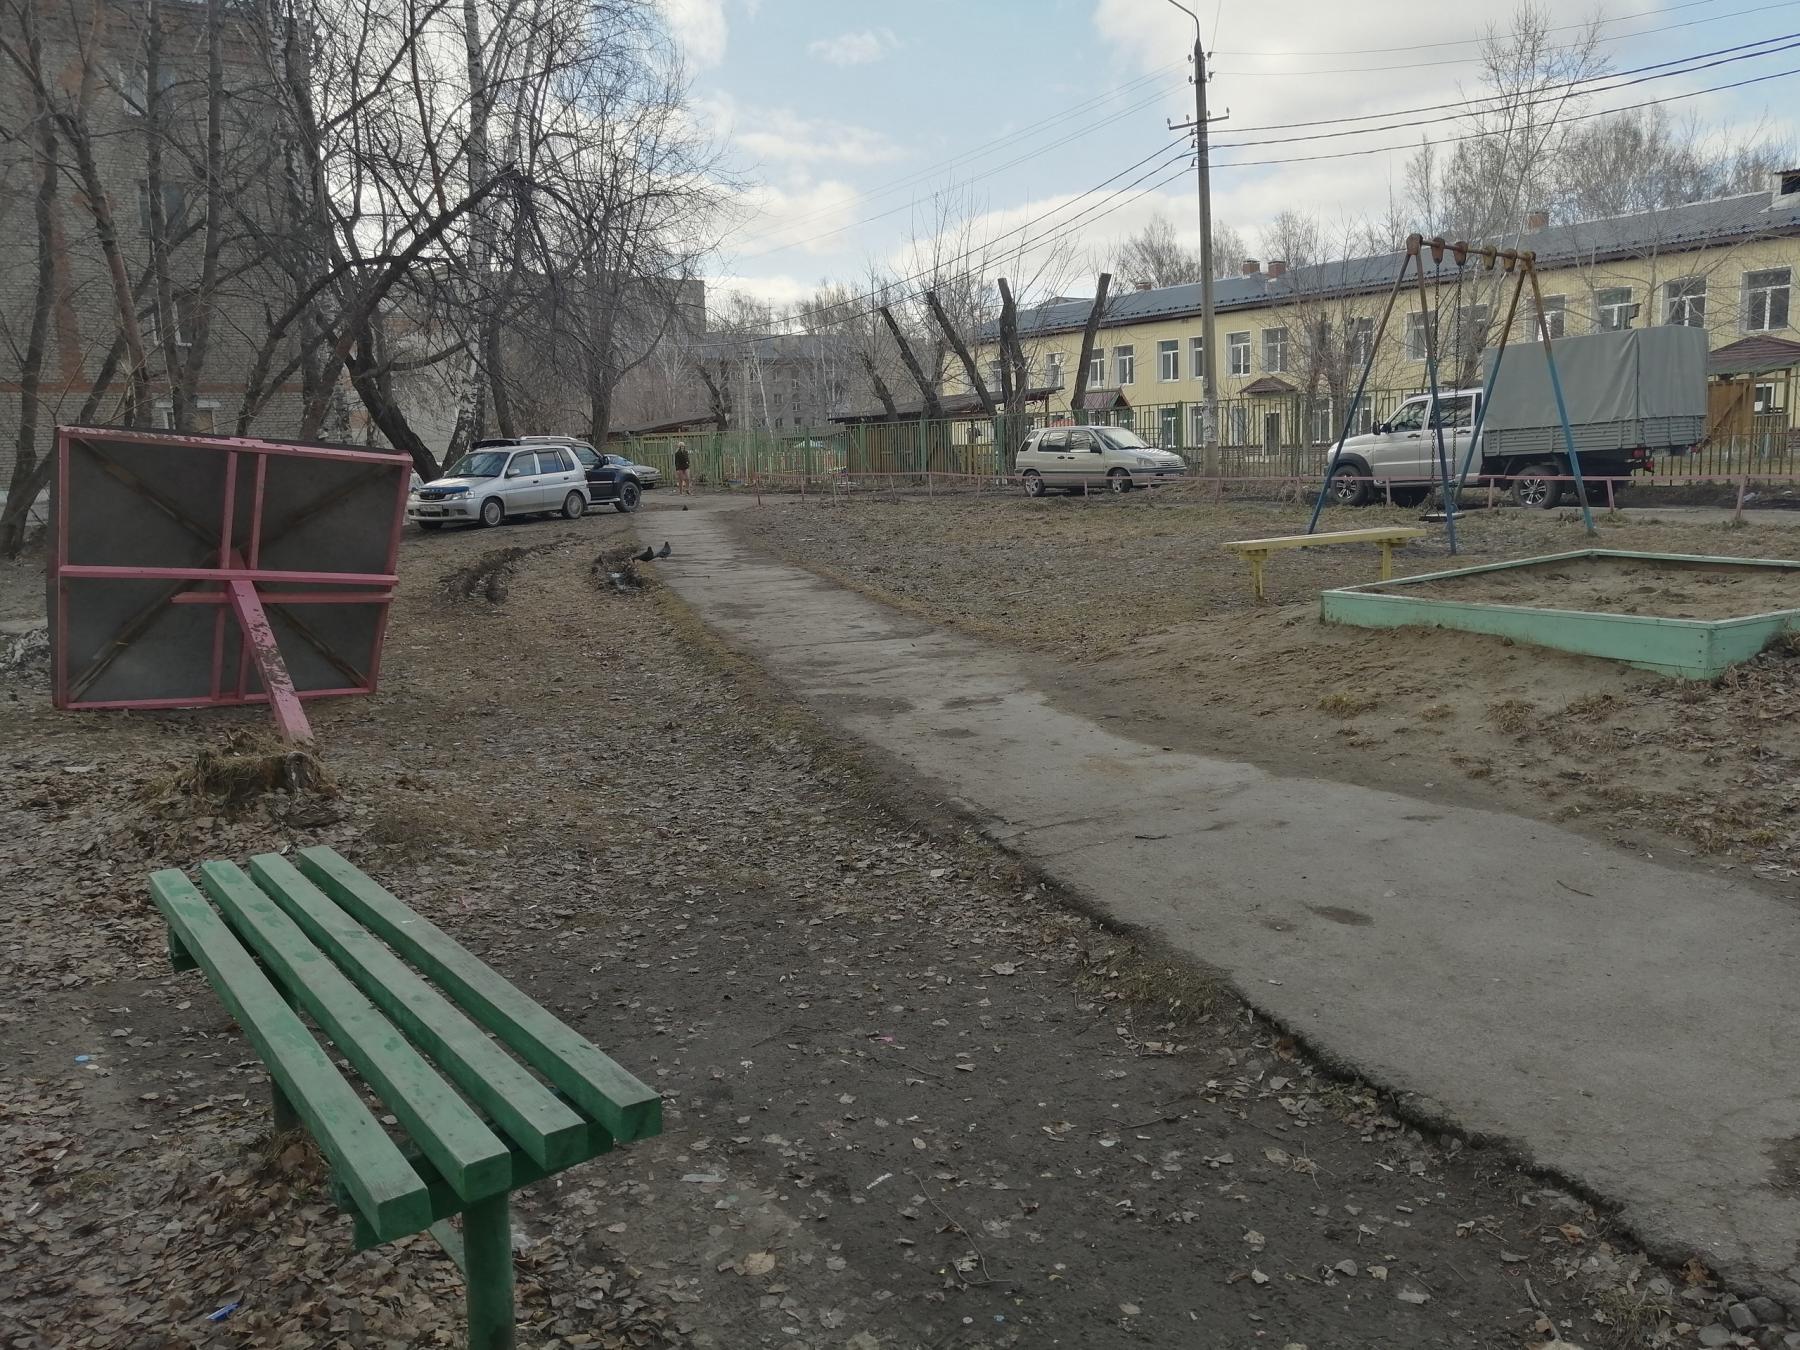 Фото «Одно неловкое движение – и ребёнок внизу»: под Новосибирском создают карту опасных мест после гибели 6-летнего мальчика 3